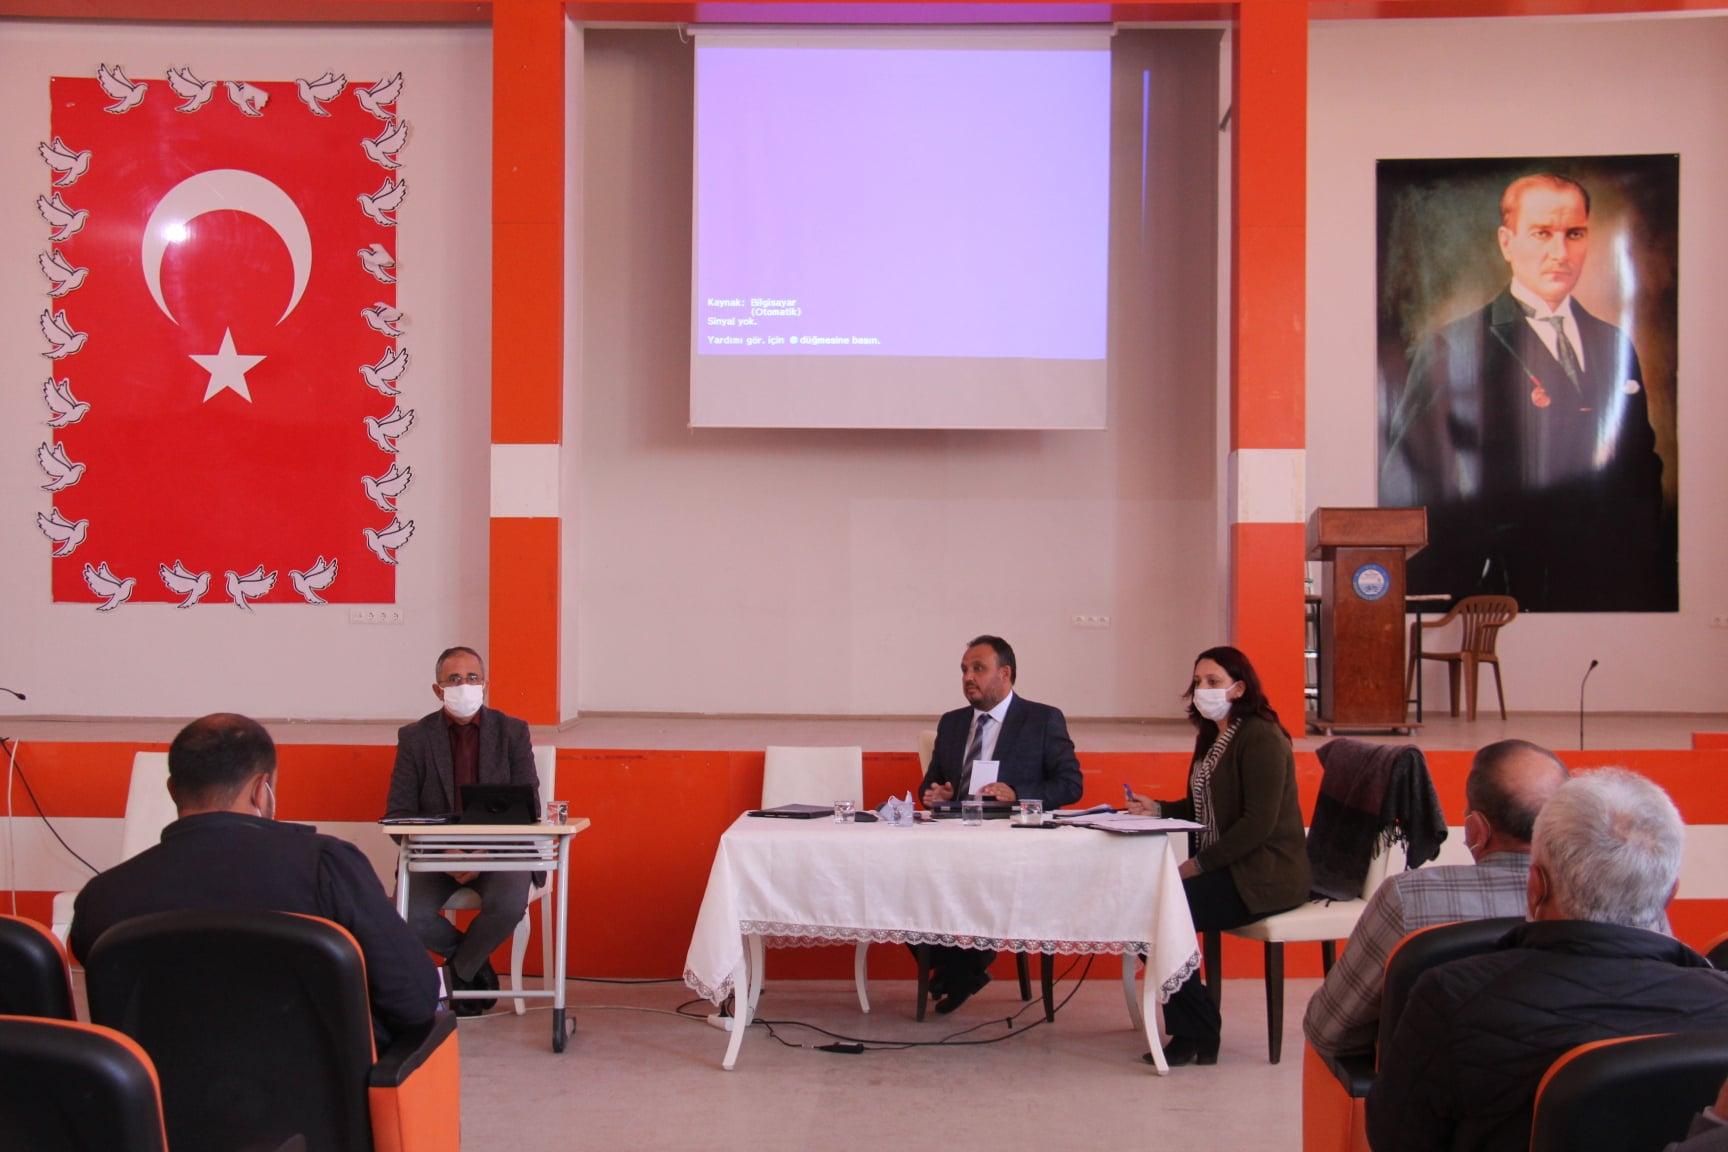 Belediyemizin Mart Ayı Olağan Meclis Toplantısı Belediye Başkanımız Sn. Özay Türkler Başkanlığında Gerçekleştirildi